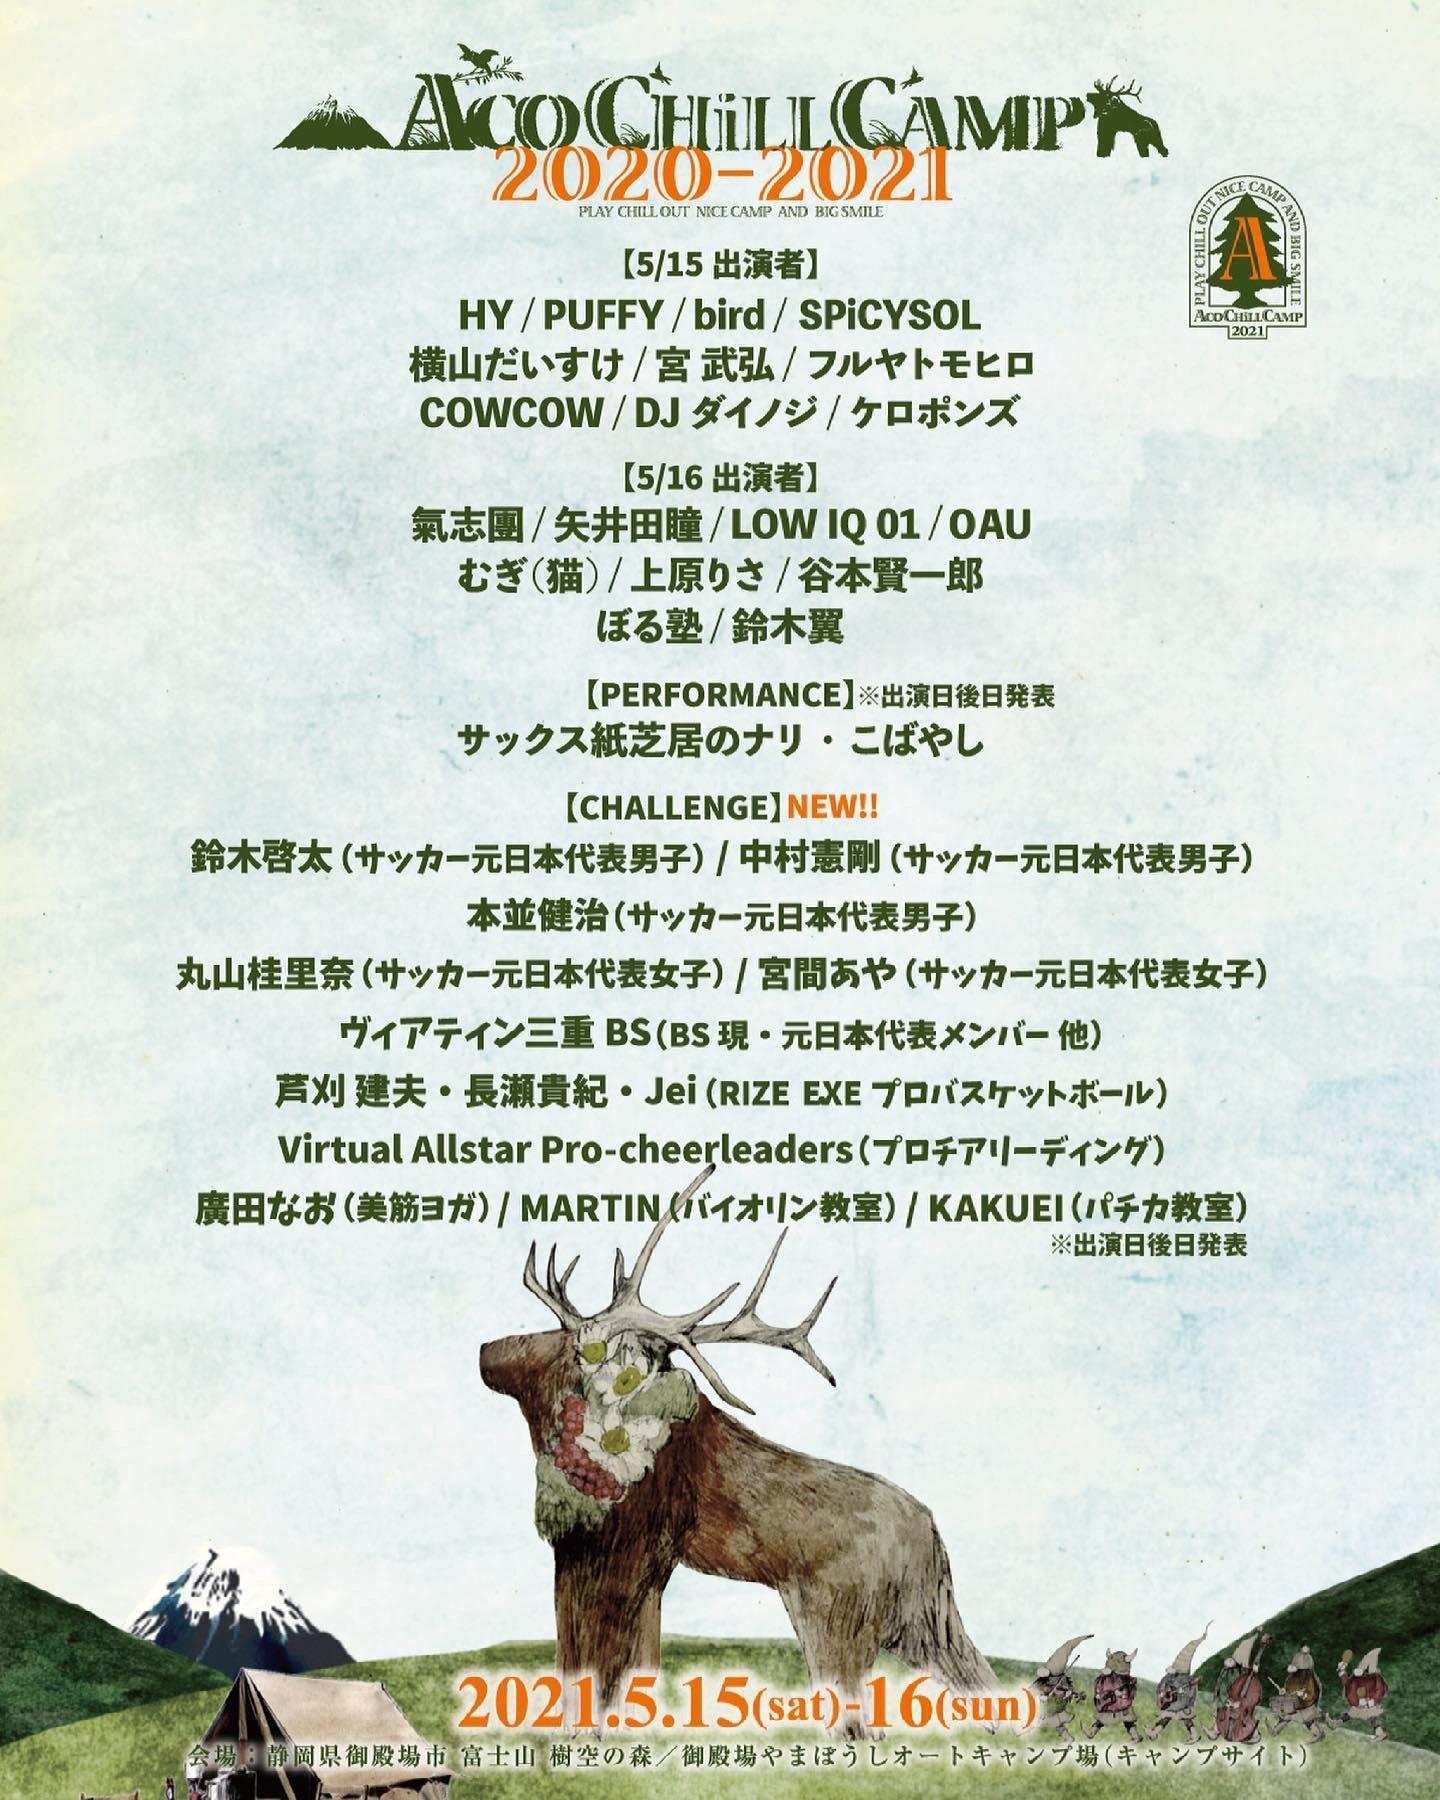 5/16(日)静岡県御殿場市樹空の森 ACO CHiLL CAMP 2020-2021_e0056646_12515793.jpeg